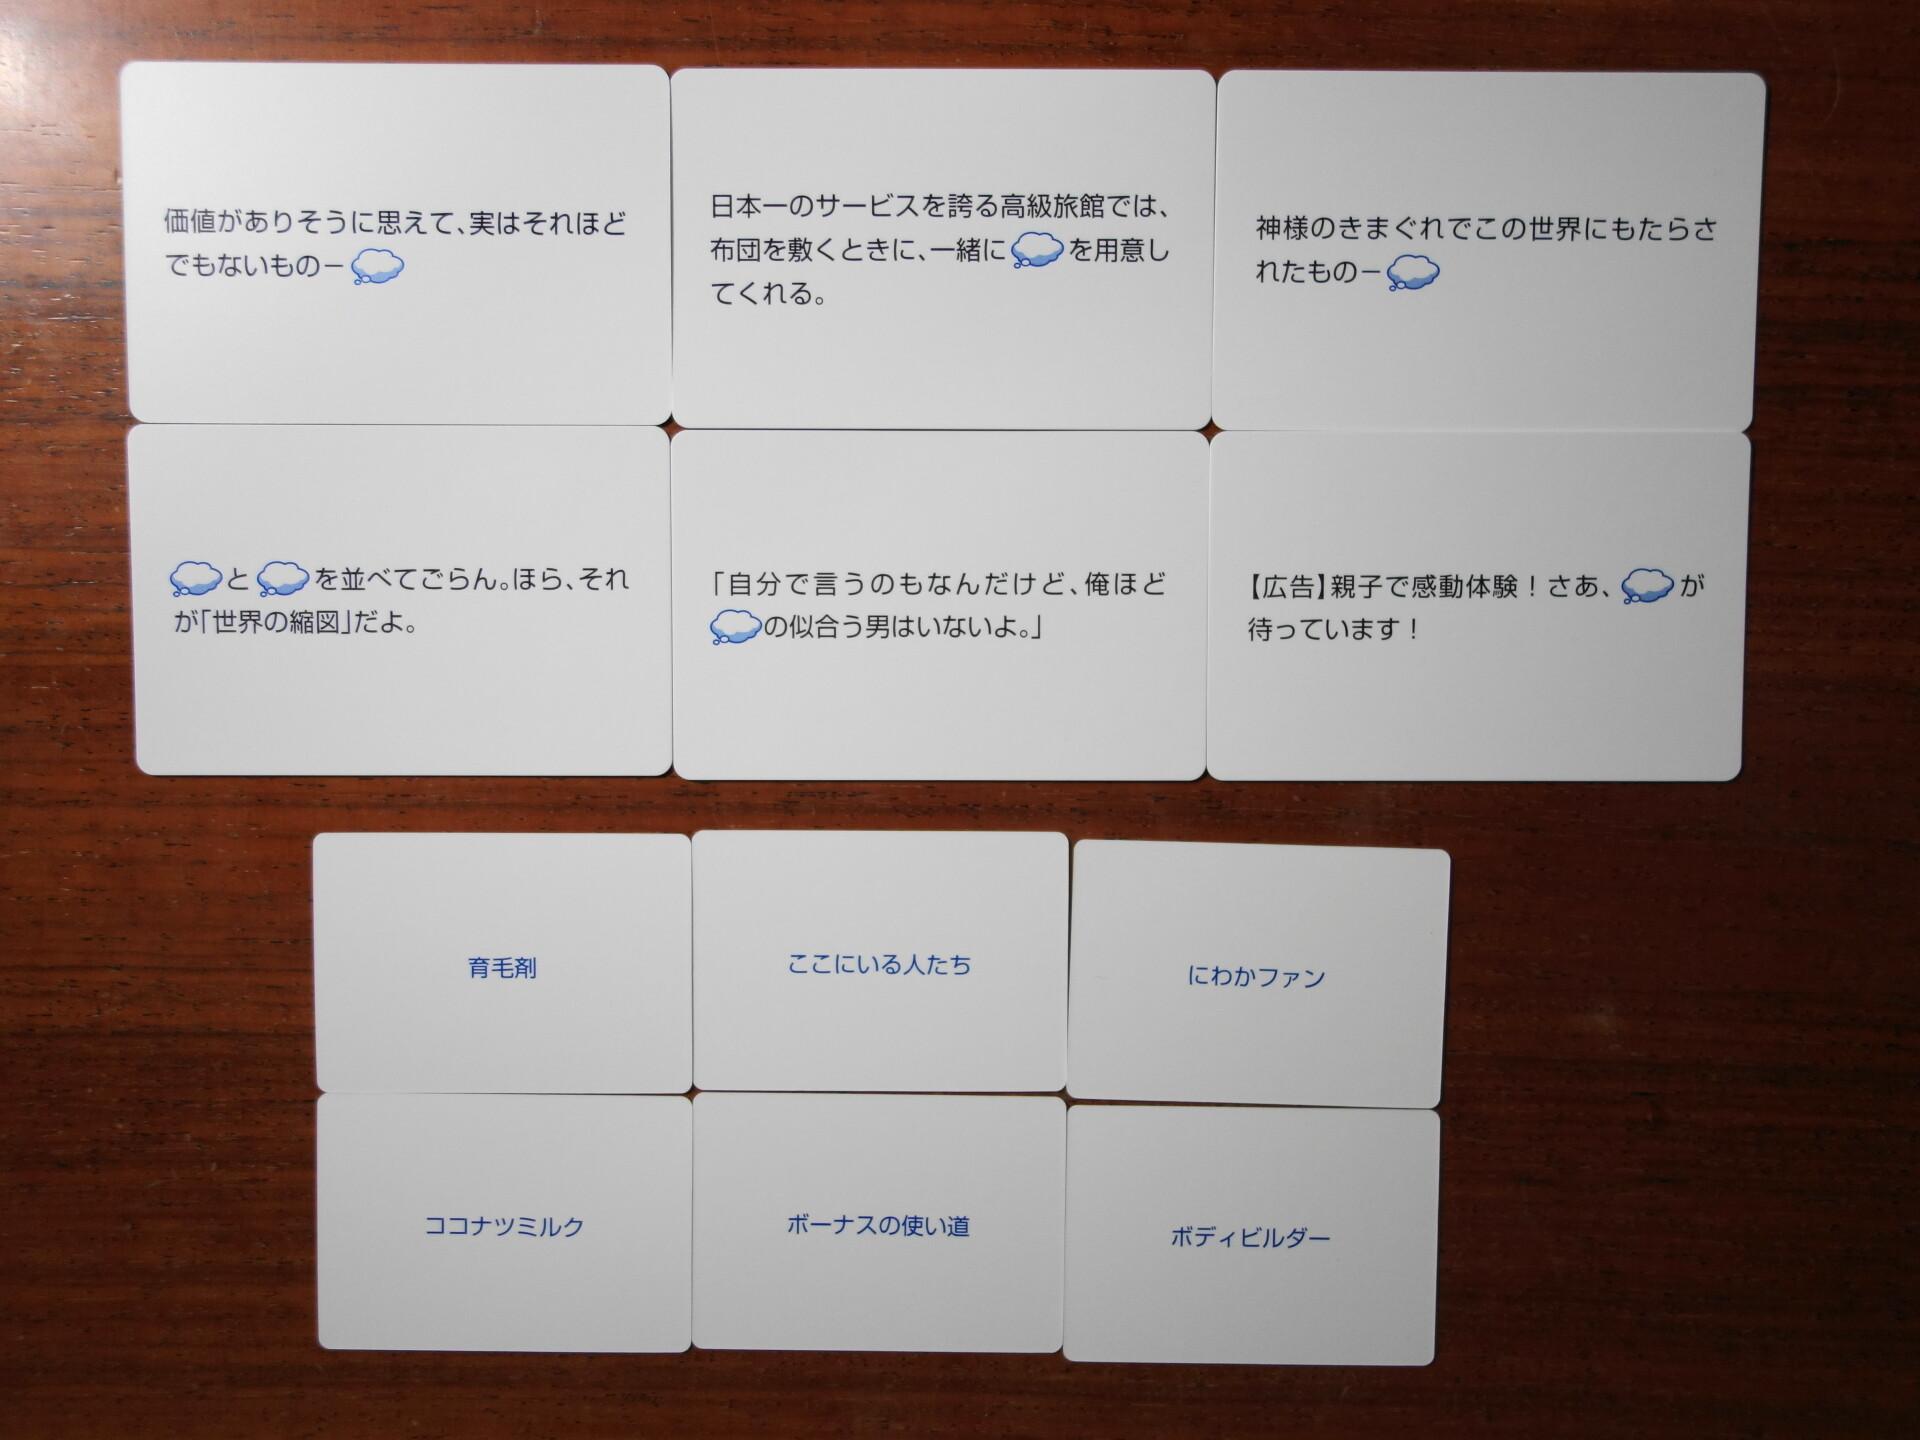 最終戦のお題カードと回答カードの配布状況